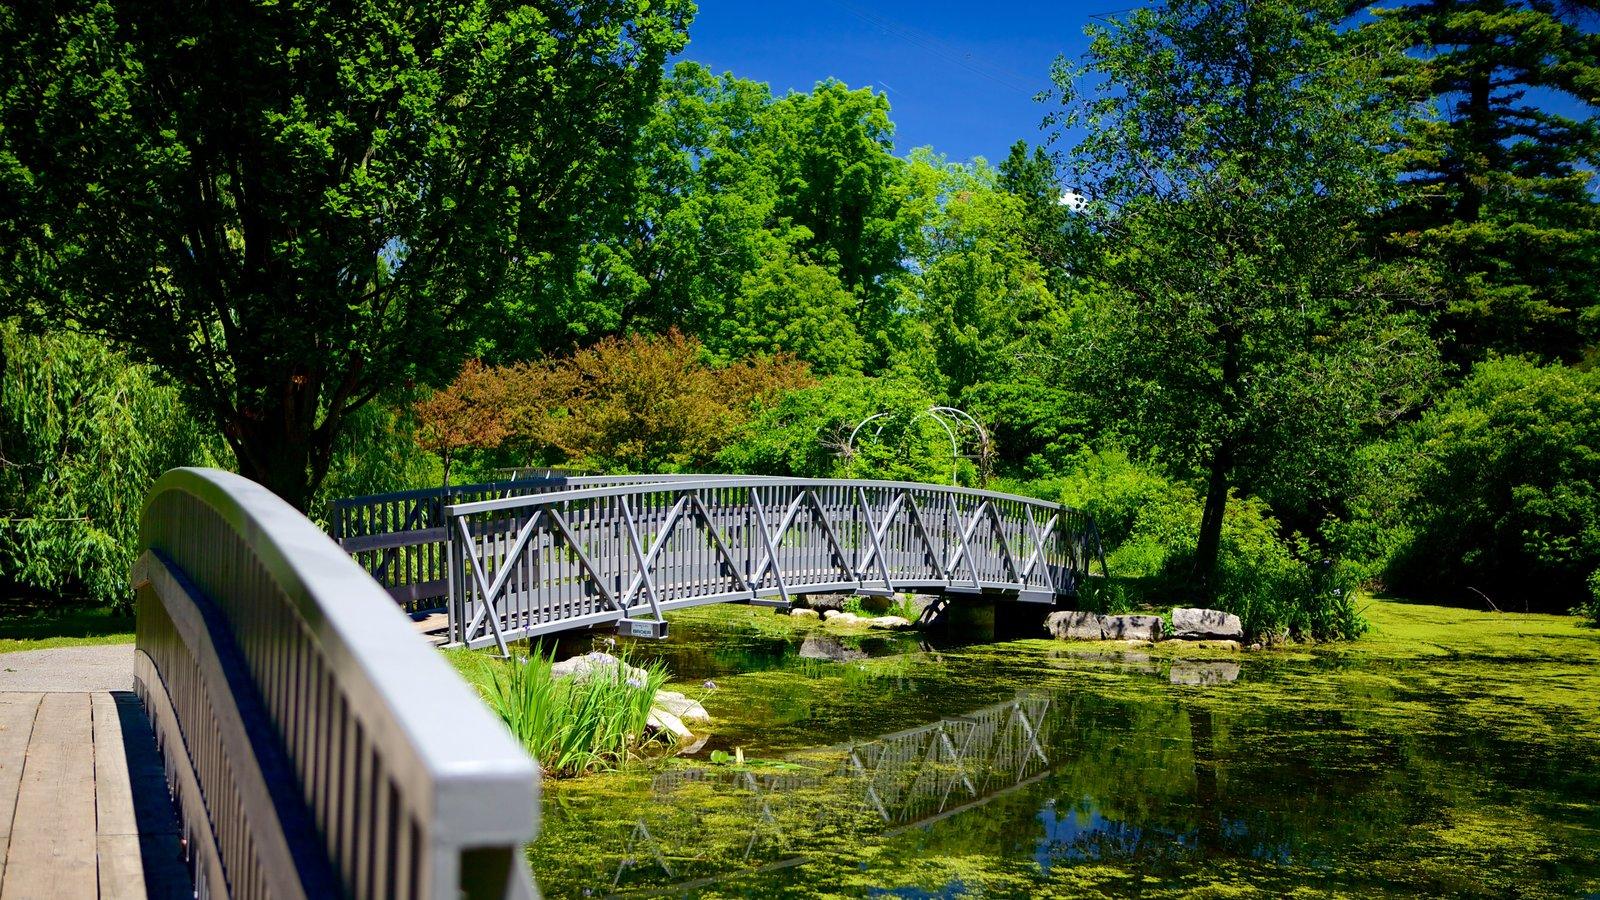 St. Thomas mostrando un puente y un estanque